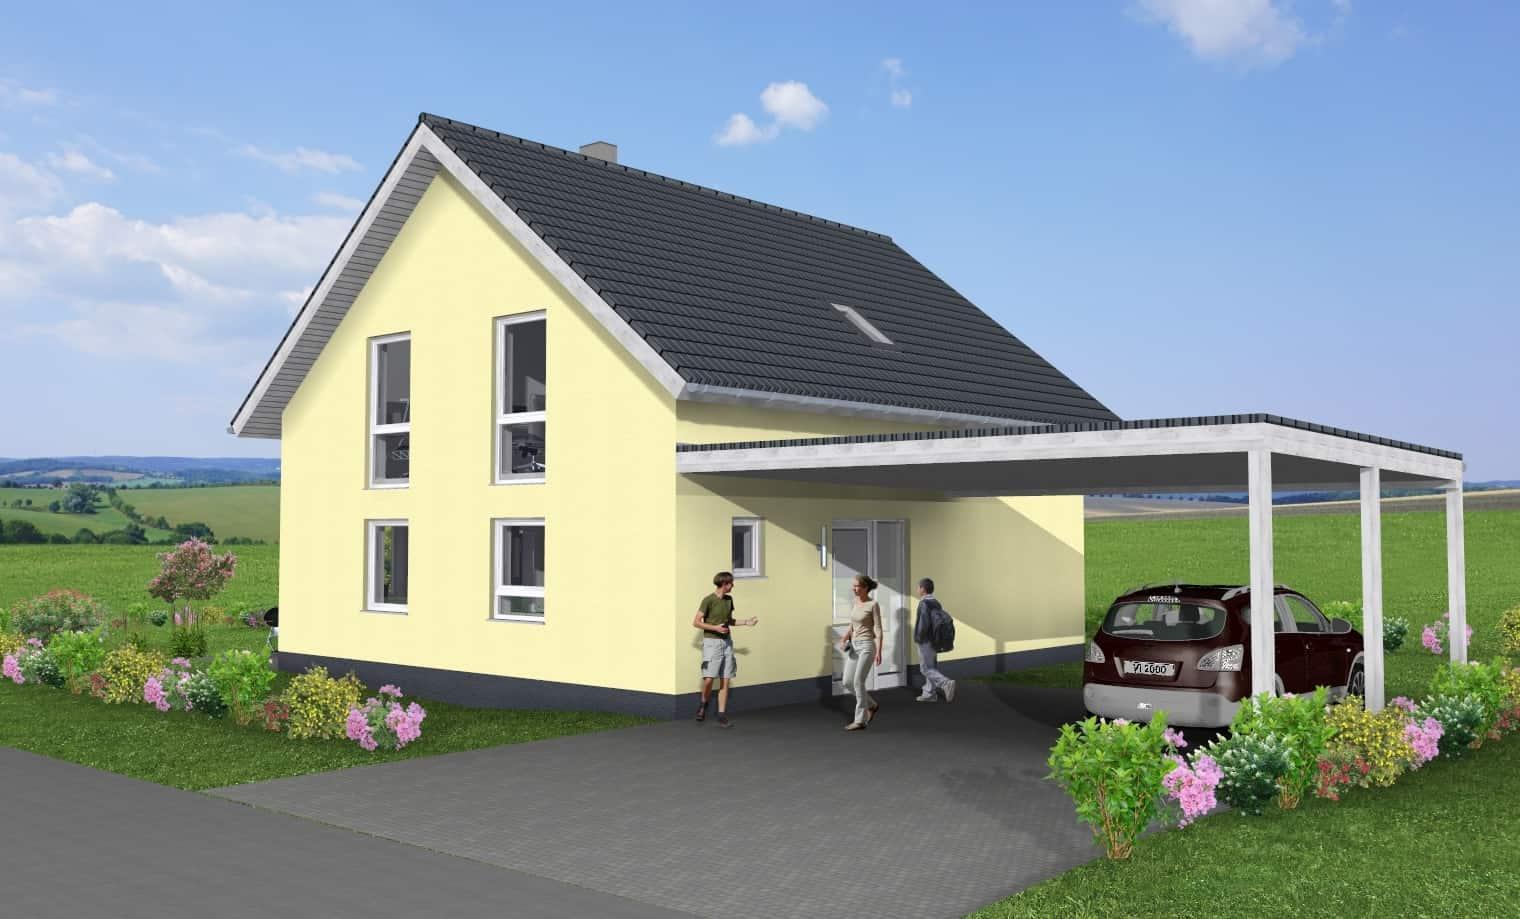 Hausbesichtigung am 09.05.2021 in 36448 Bad Liebenstein OT Schweina, Steinbacher Straße